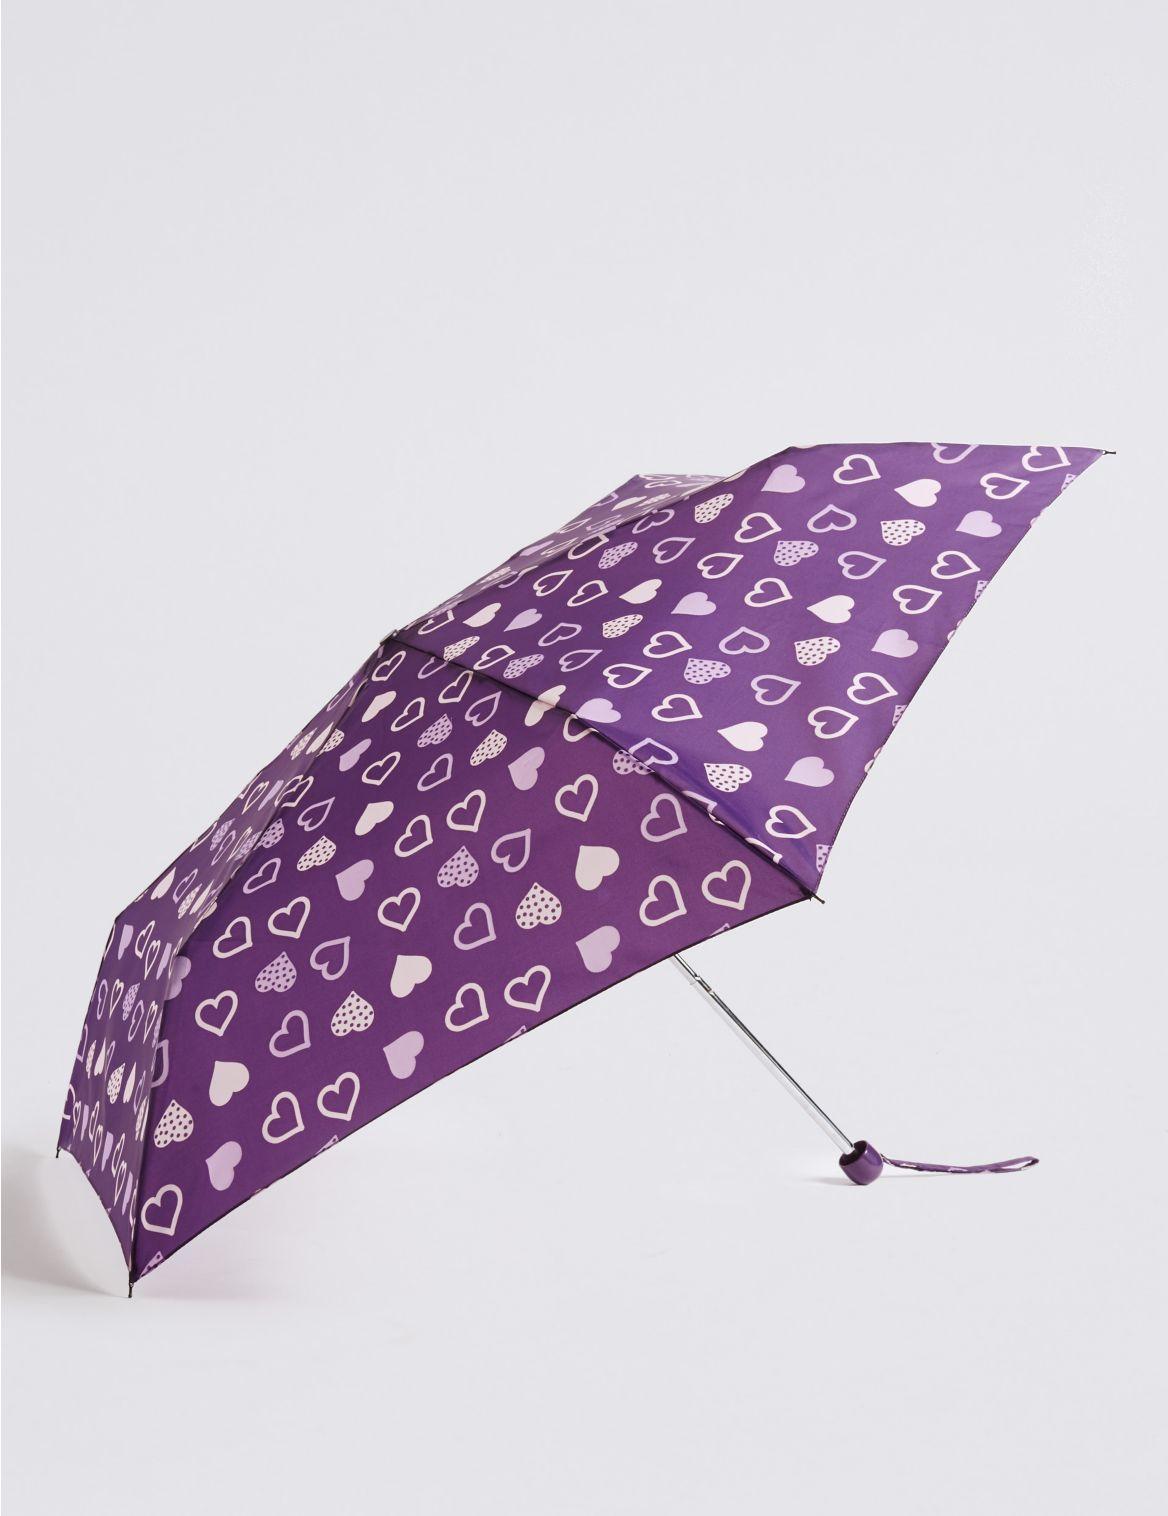 Parapluie à imprimé coeurs, doté de la technologie Stormwear™